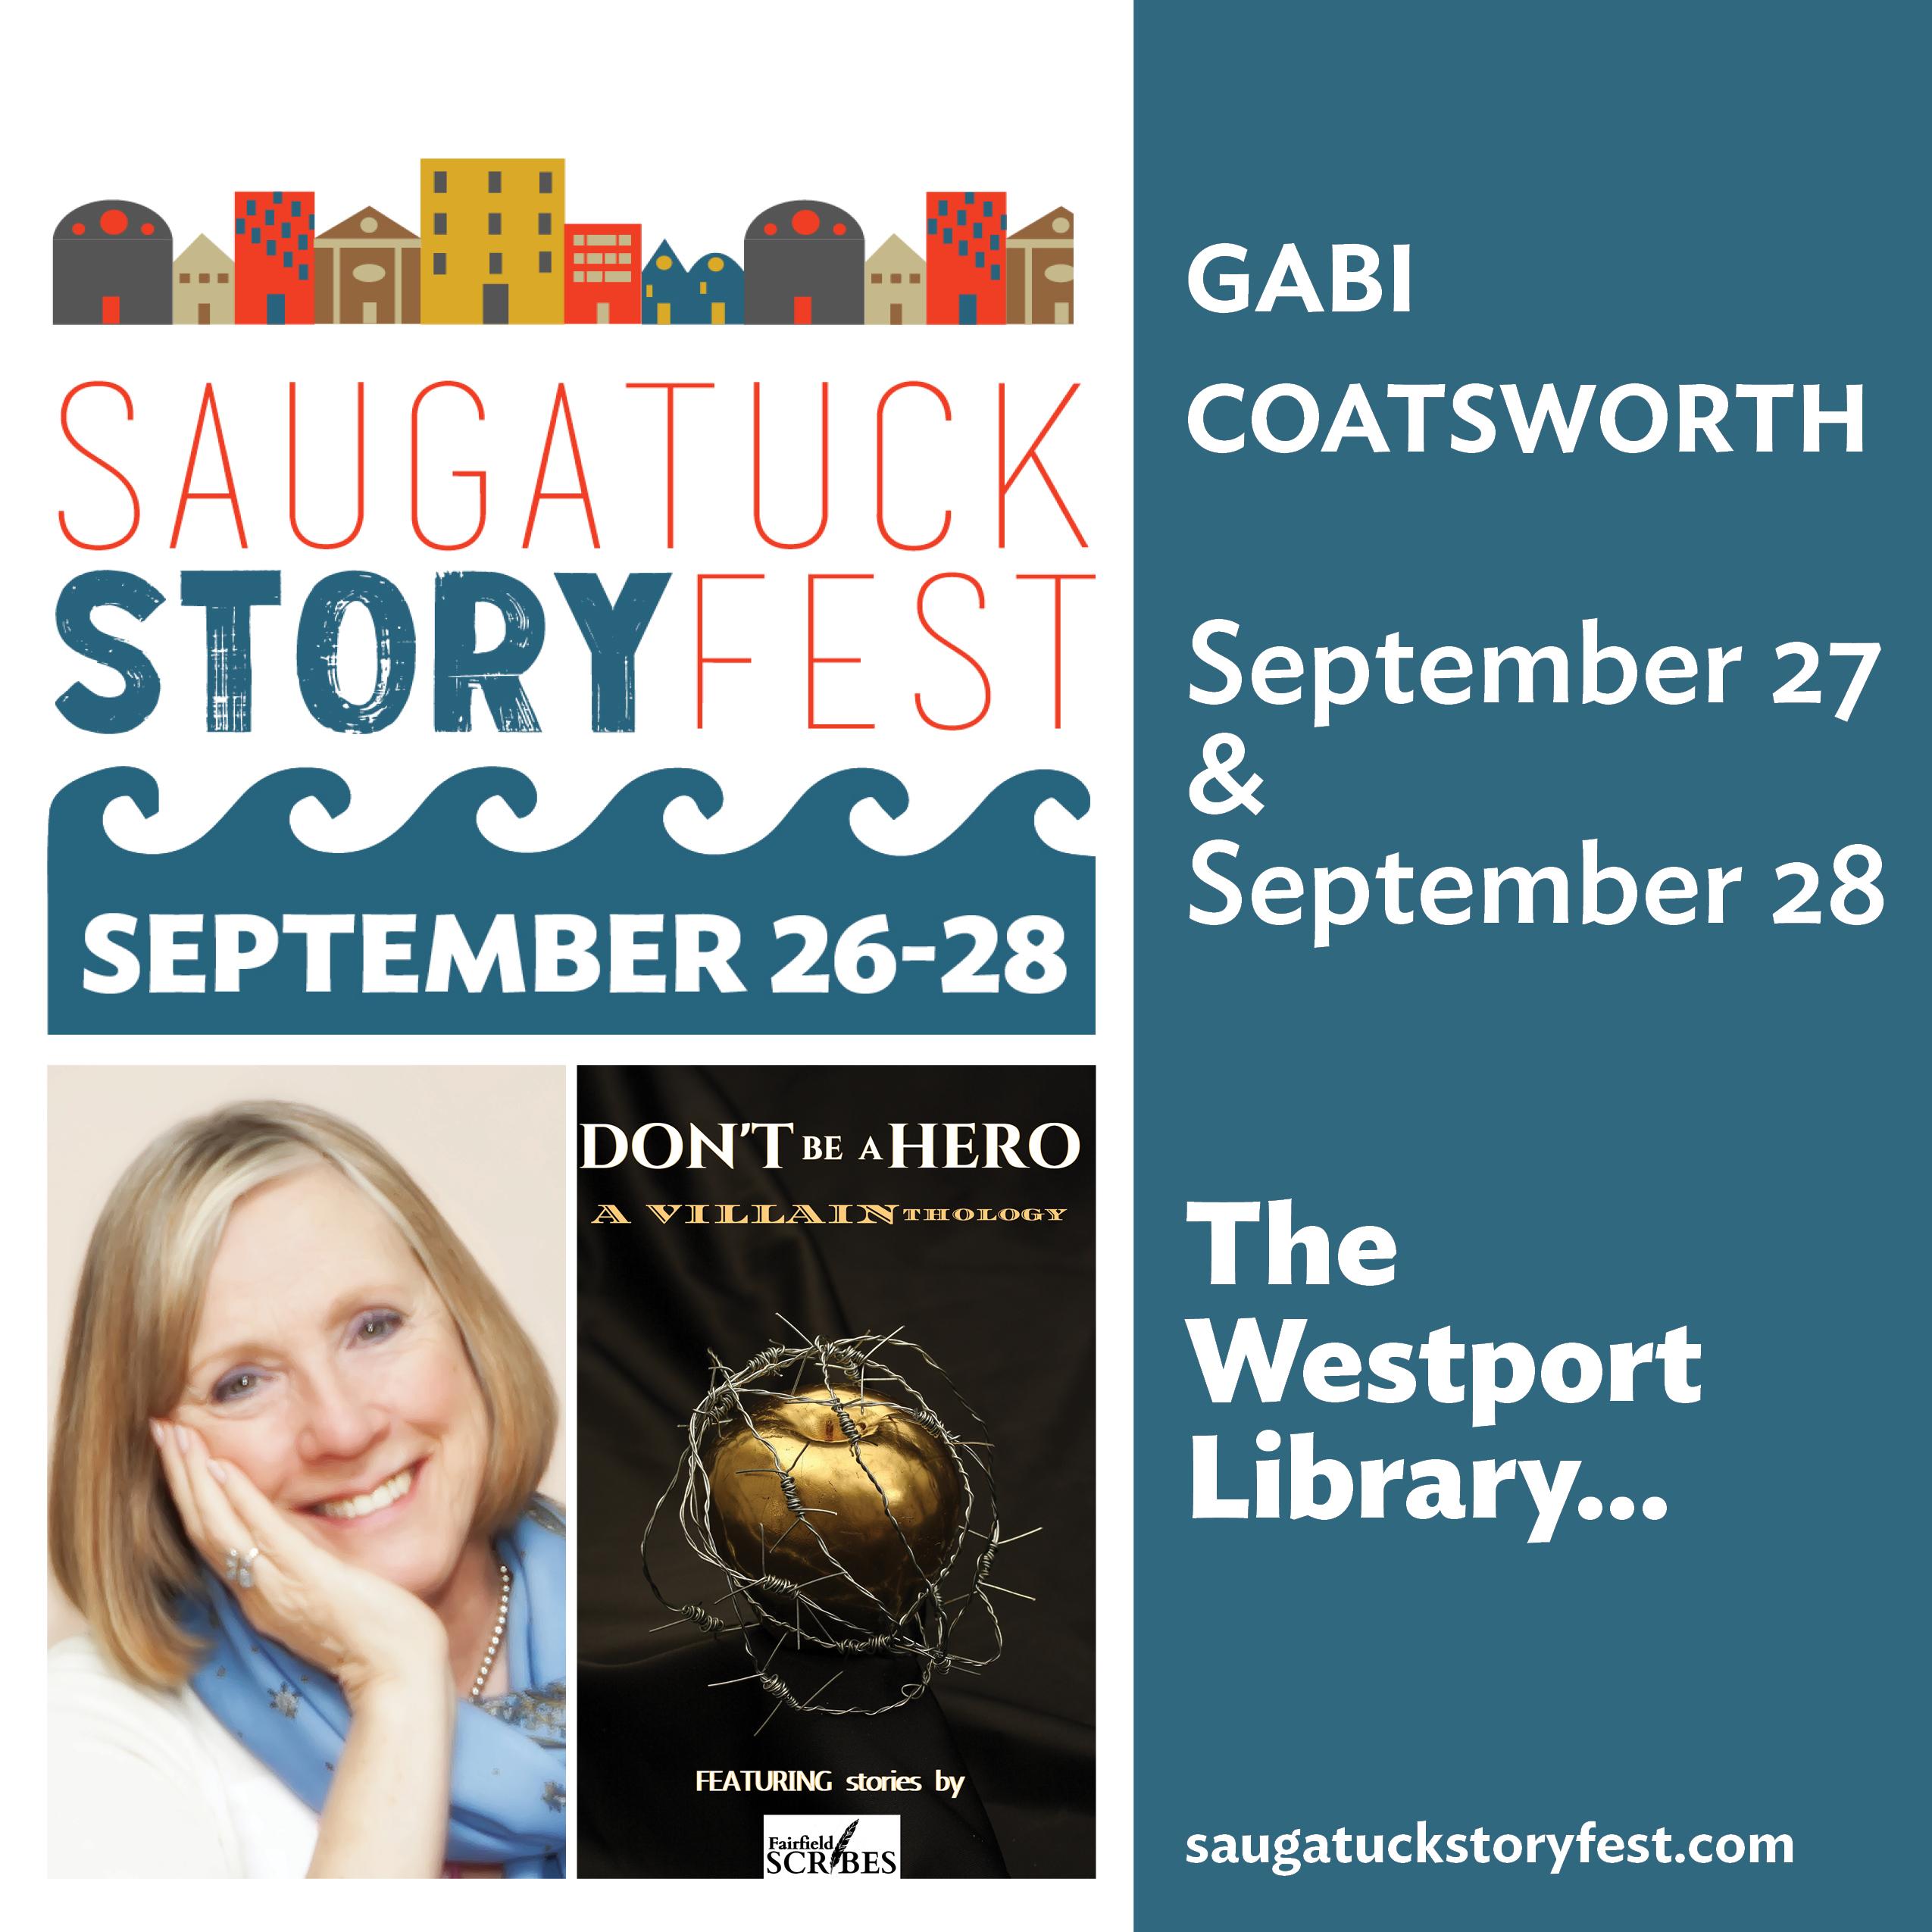 Coatsworth, Gabi(1)